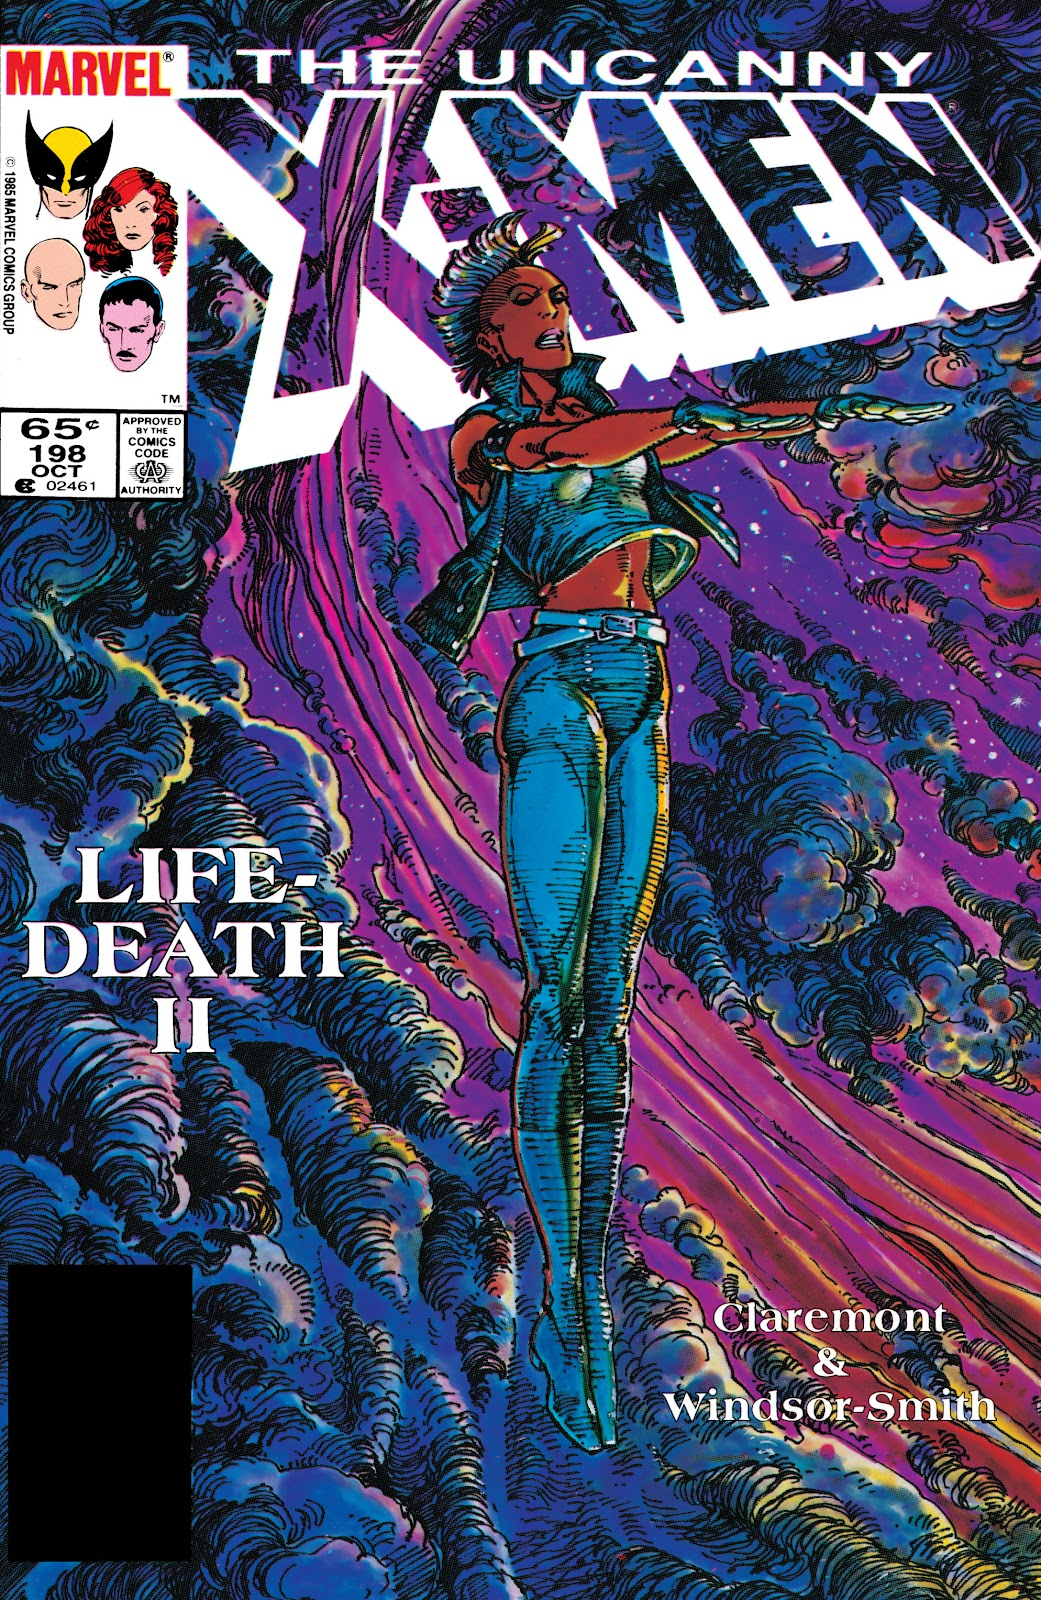 Uncanny X-Men (1963) 198 Page 1